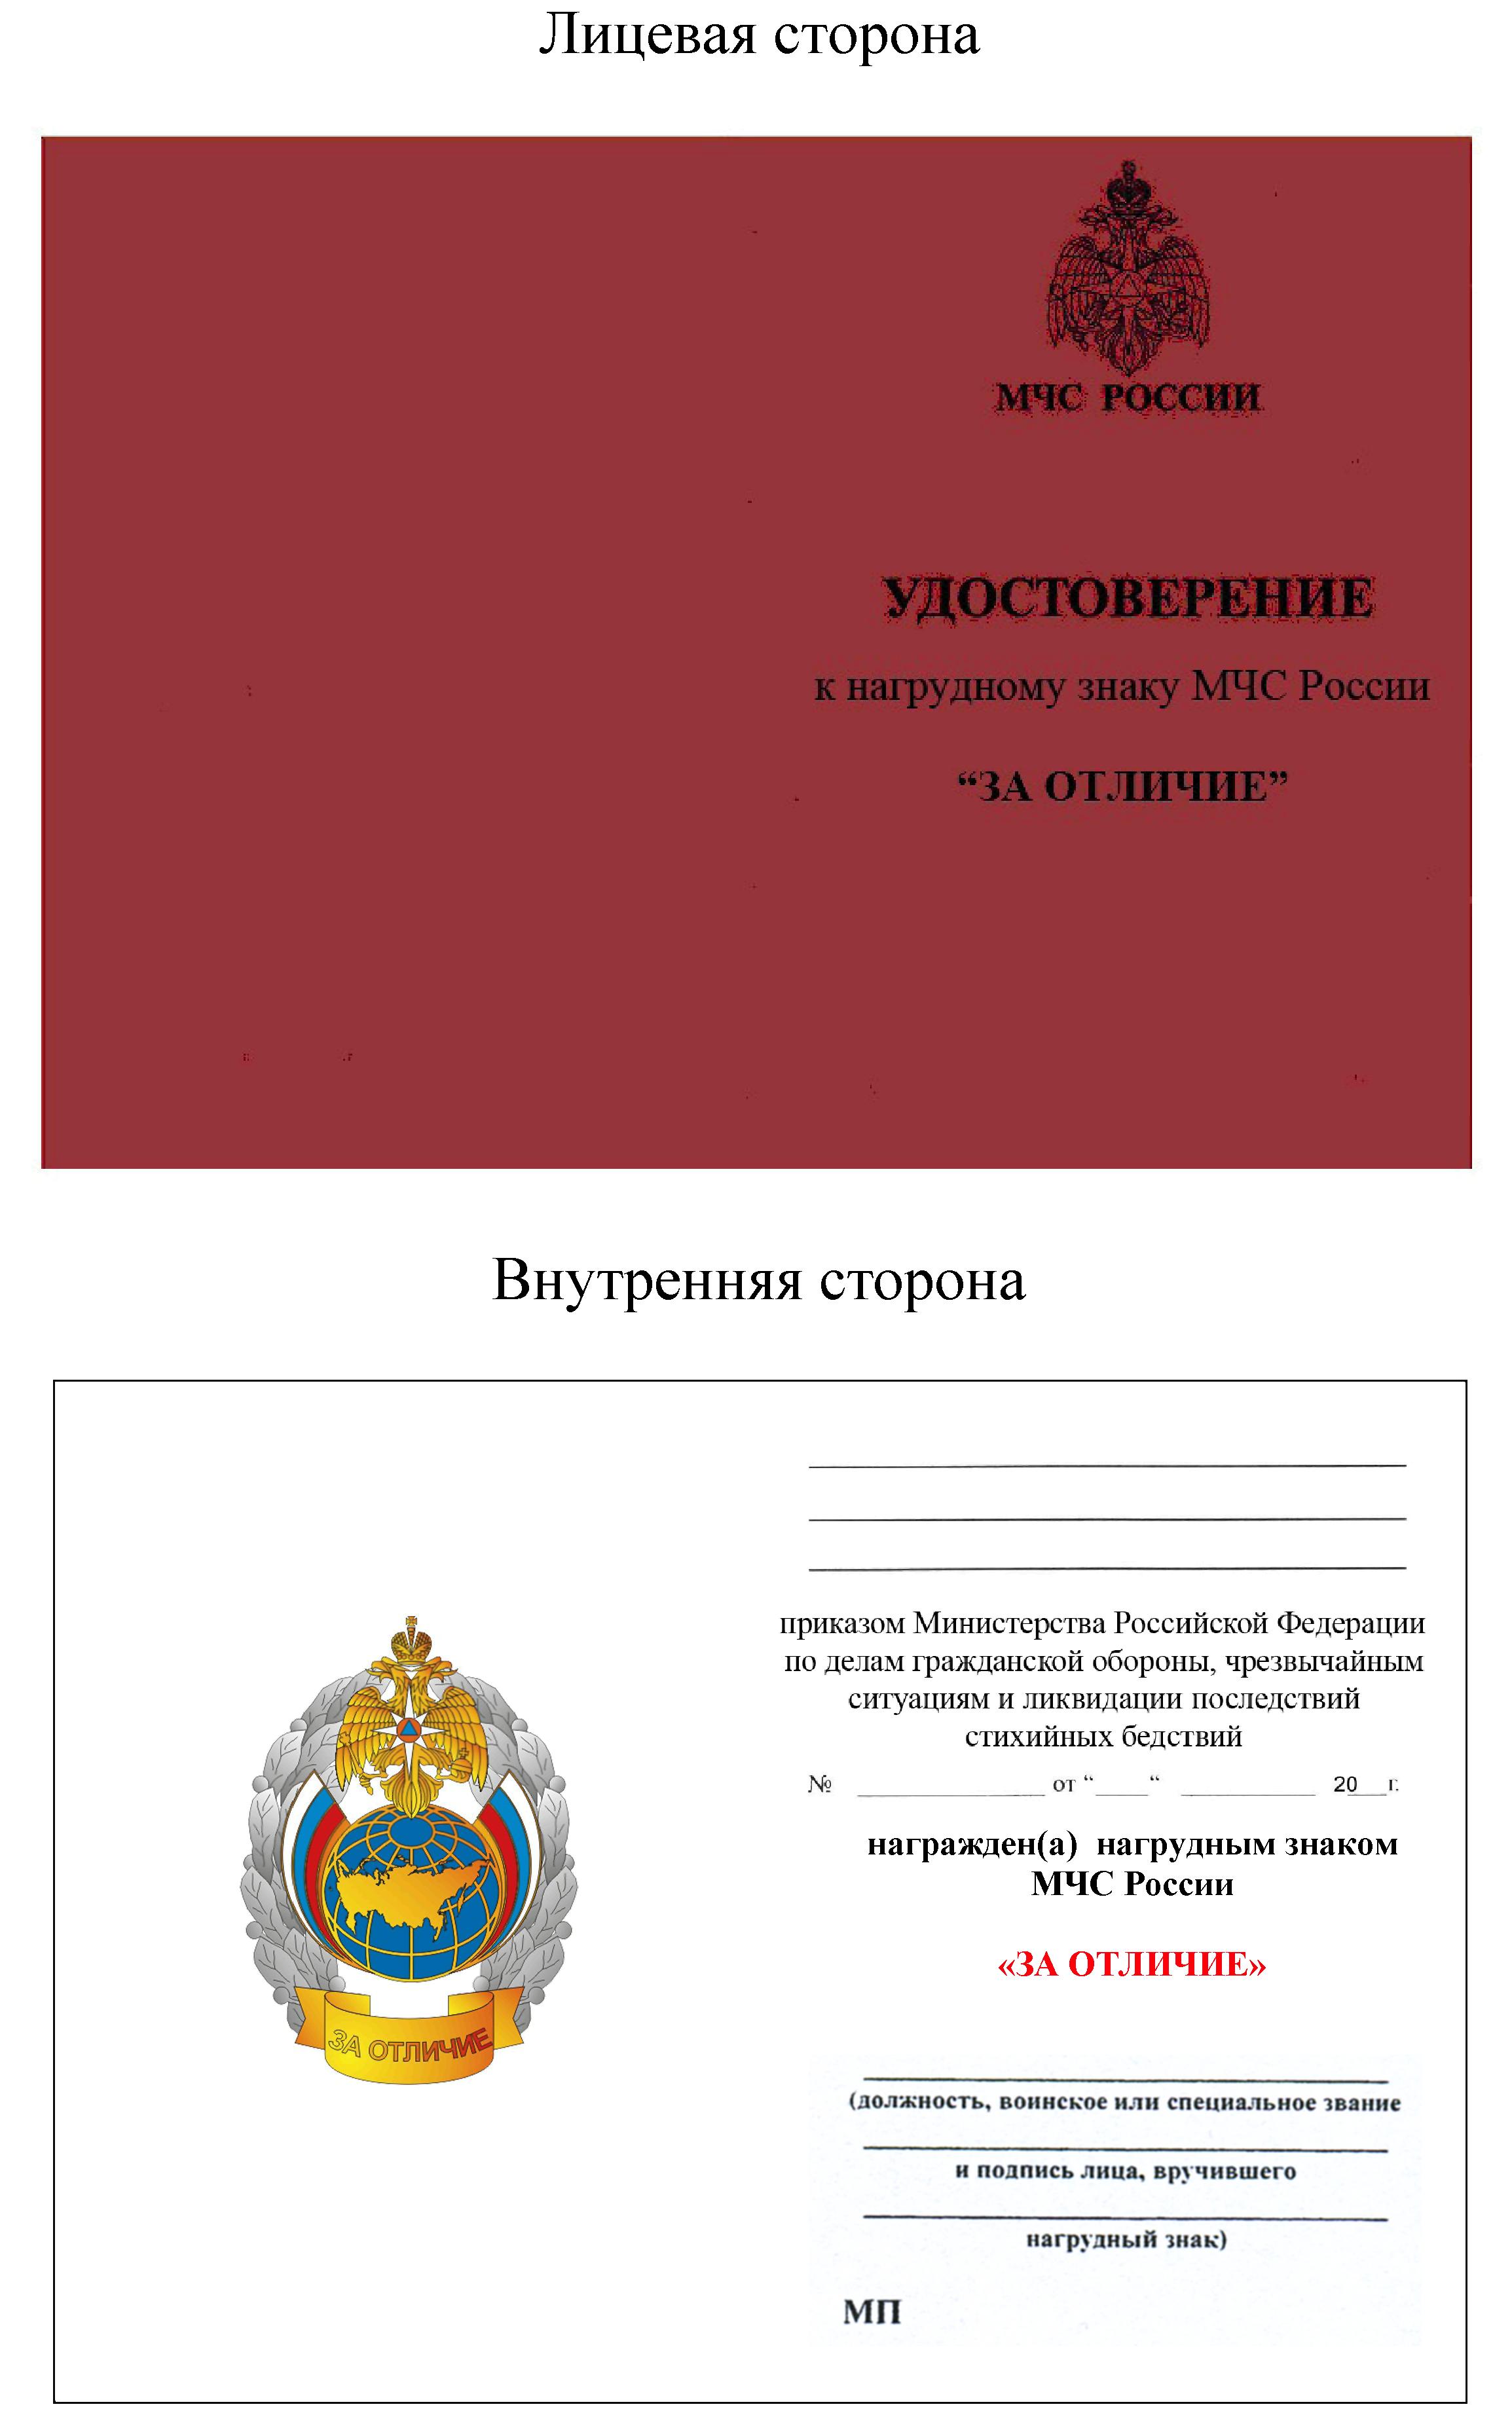 ПРИЛОЖЕНИЕ 3 К ПОЛОЖЕНИЮ 24, УТВ. ПРИКАЗОМ МЧС РФ ОТ 06.12.2010 N 620